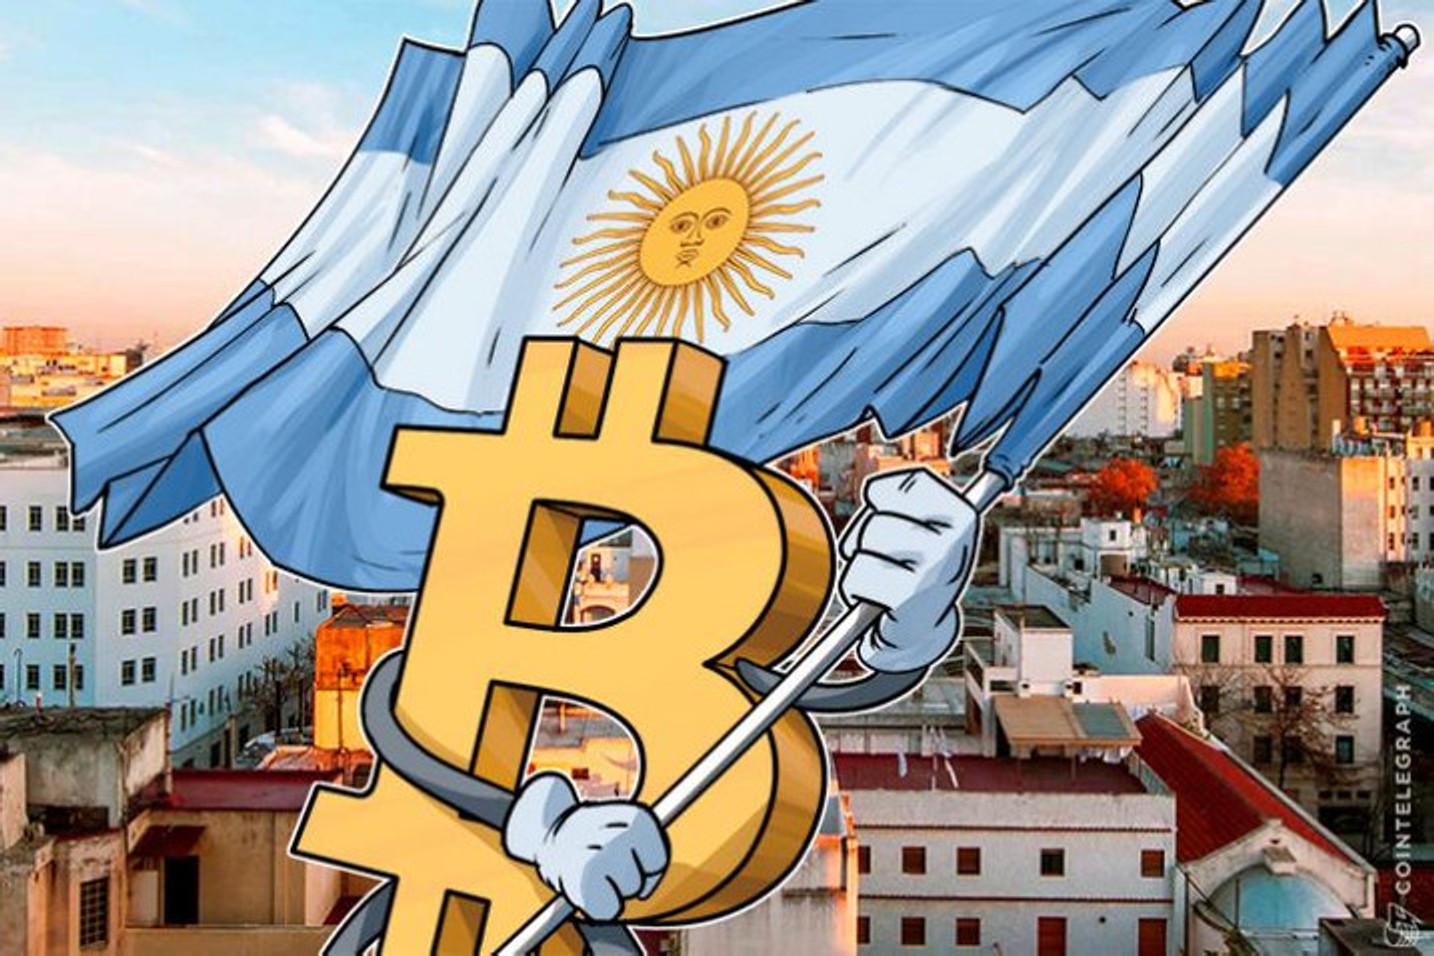 El presidente de Argentina dijo que las criptomonedas podrían ayudar a contener la inflación